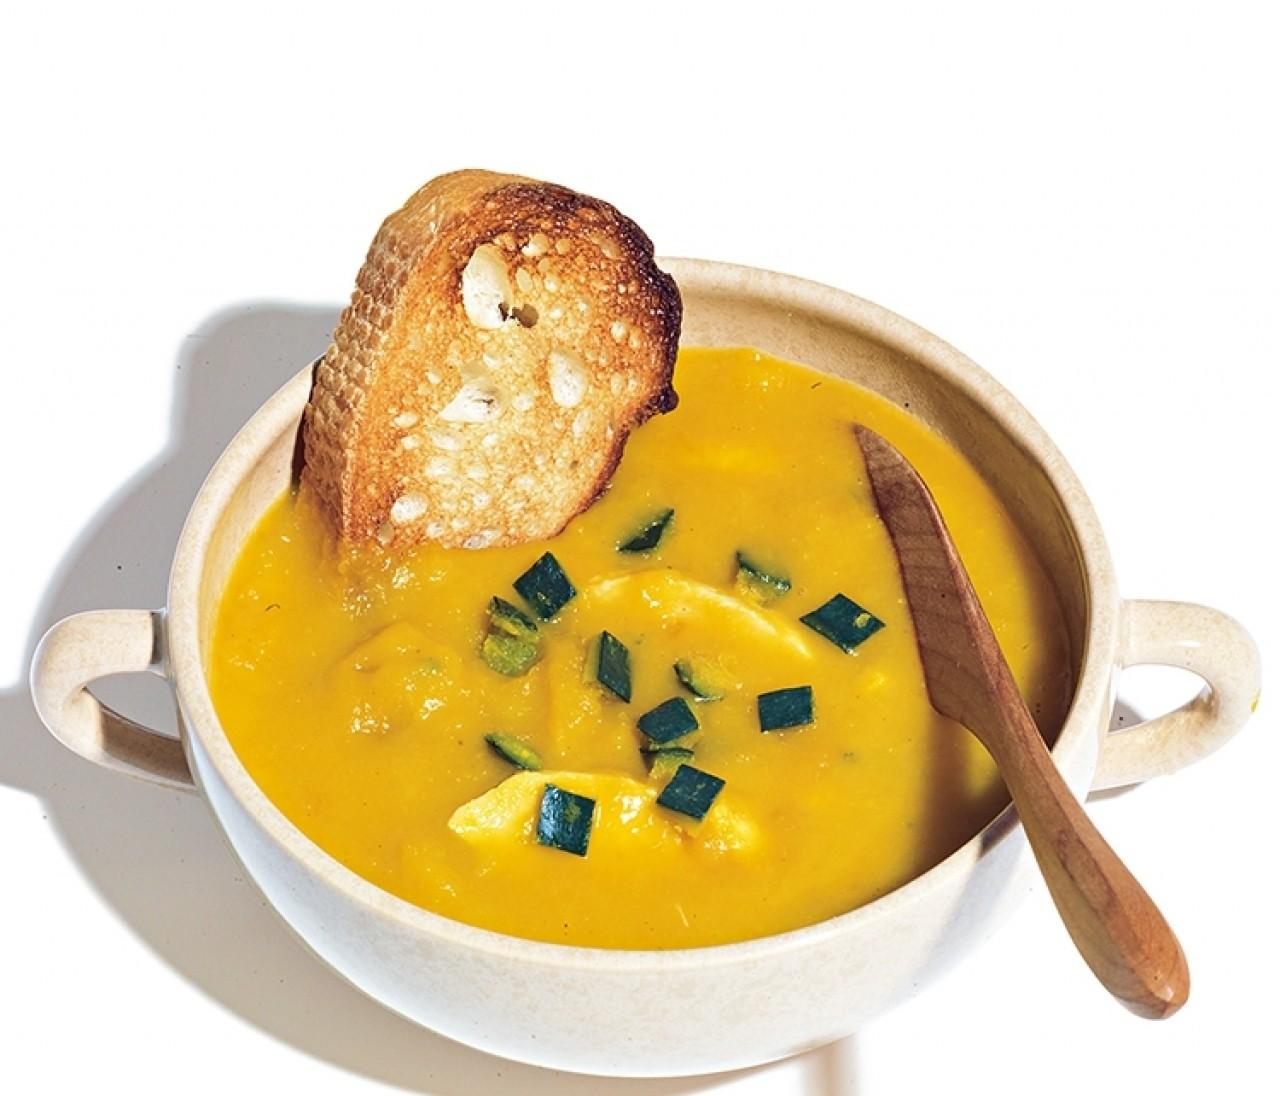 スープ作家が教える超簡単スープ4品♡コンビニ食材だけのスープも!【有賀 薫さんのスープレシピ①】